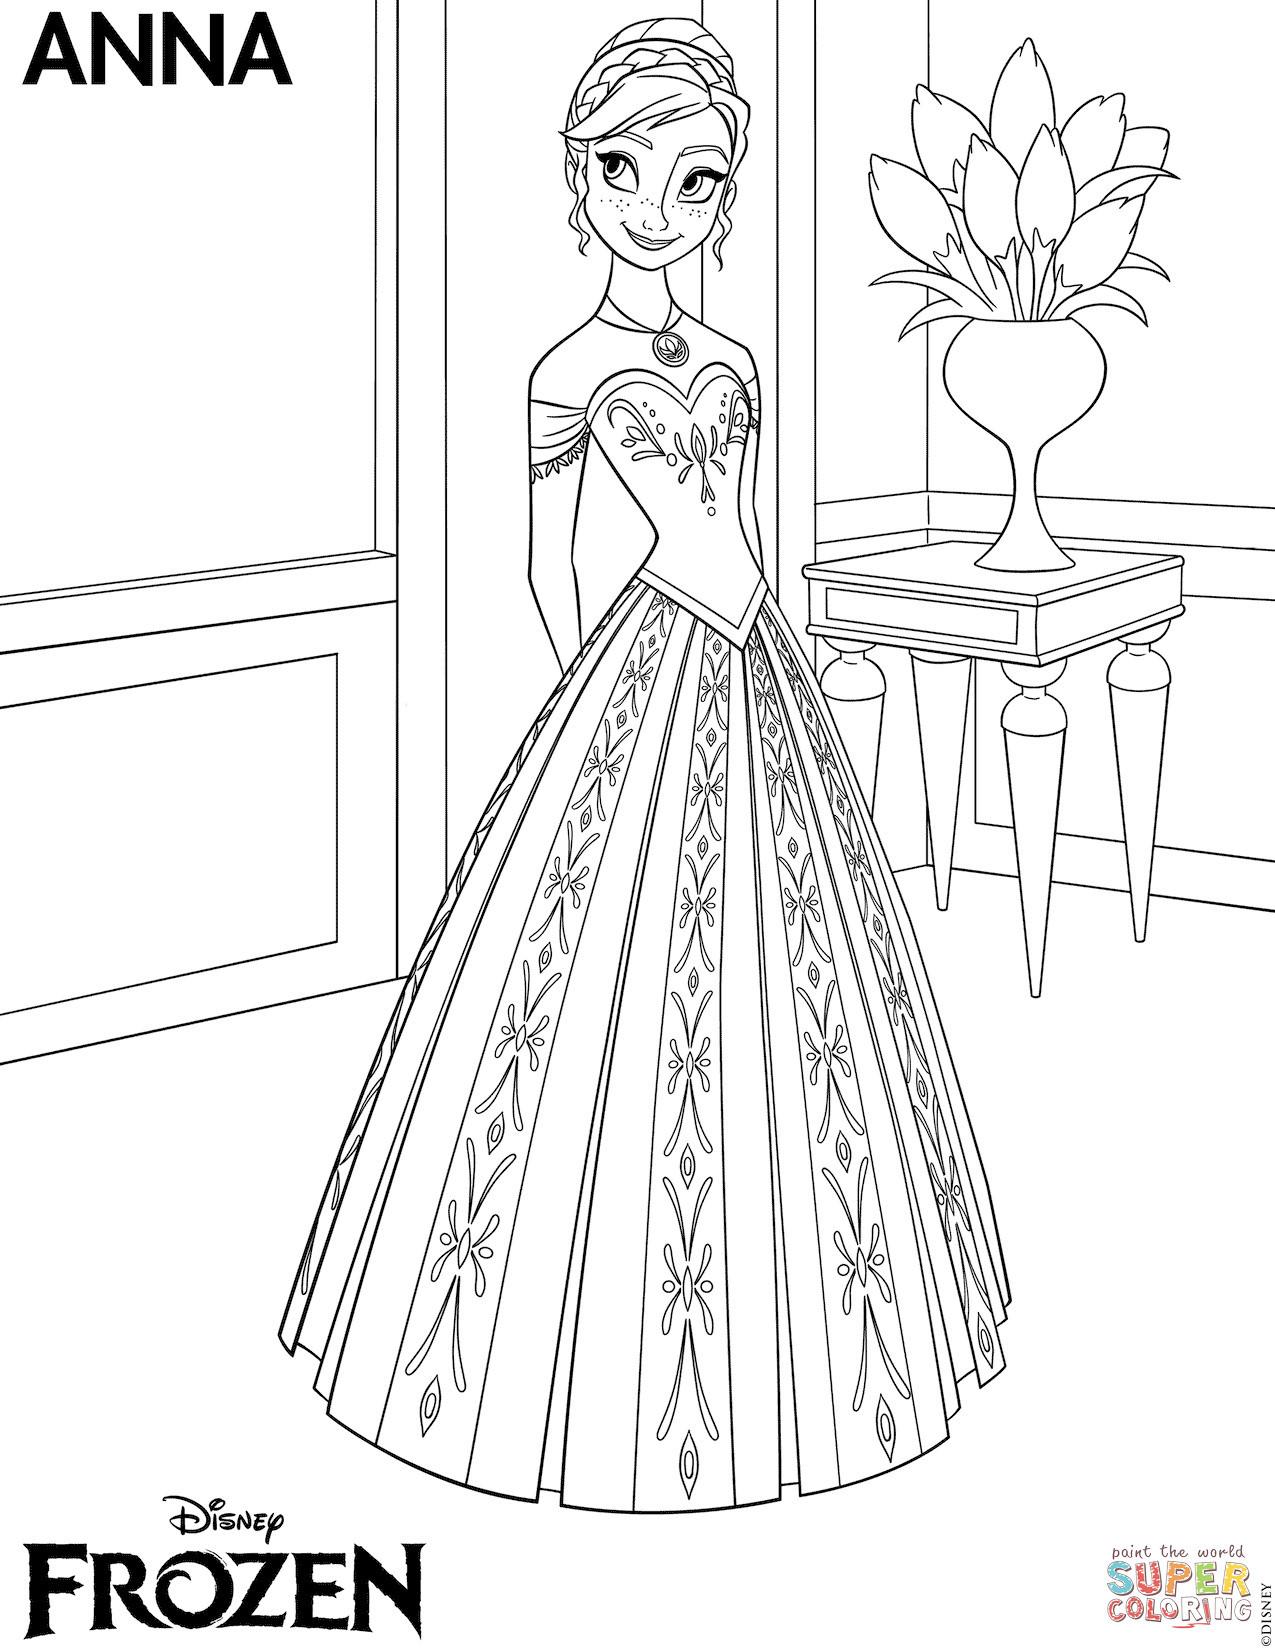 Anna Und Elsa Ausmalen Einzigartig Ausmalbild Elsa Aus Frozen Best Anna Frozen Ausmalbilder Galerie